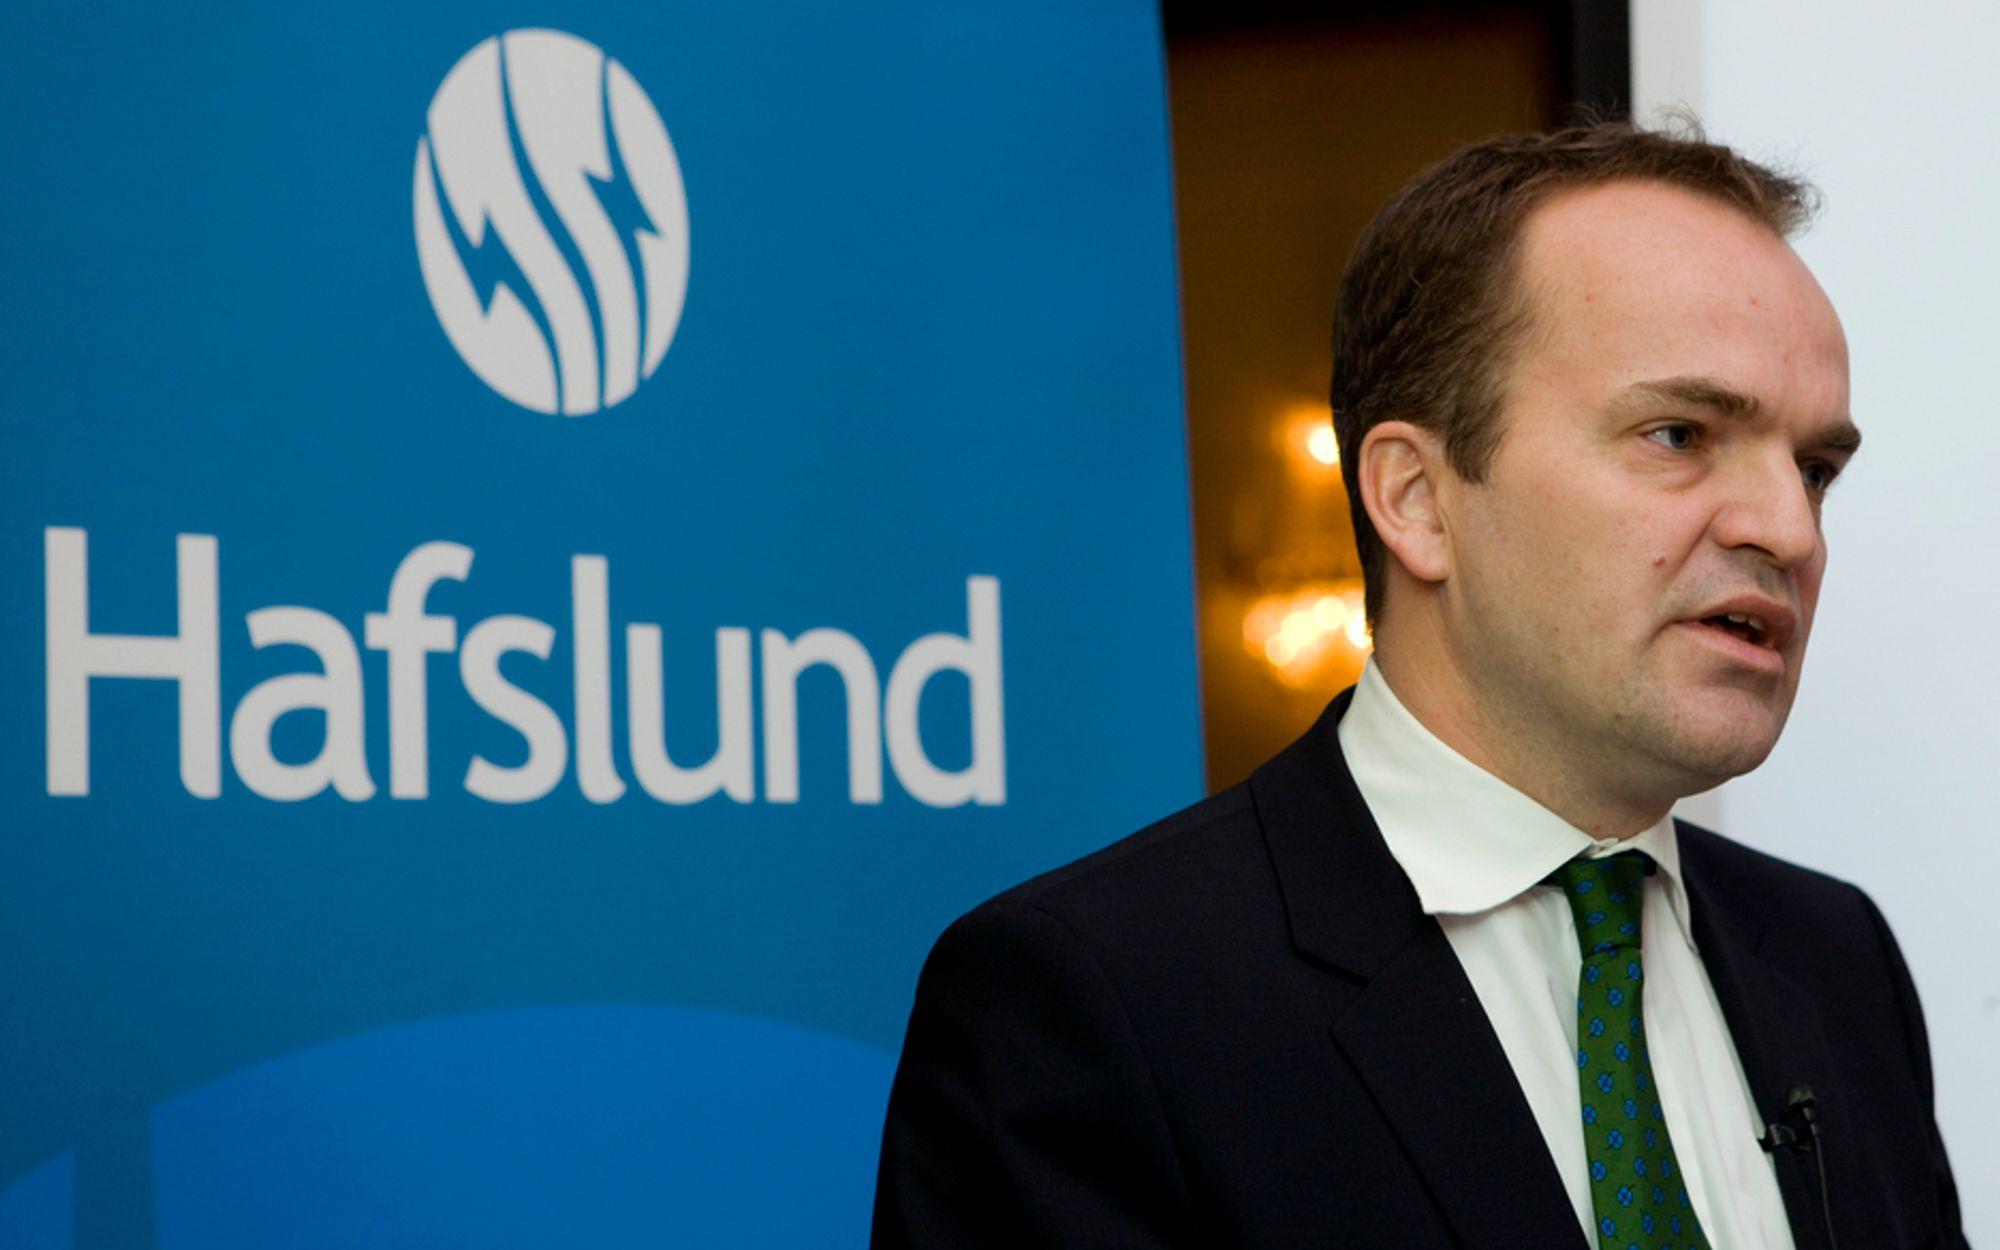 TØRT MARKED: Konsjernsjef i Hafslund, heleier av pelletsfabrikken på Averøy utenfor Kristiansund, er bekymret for lav etterspørsel i Europa.